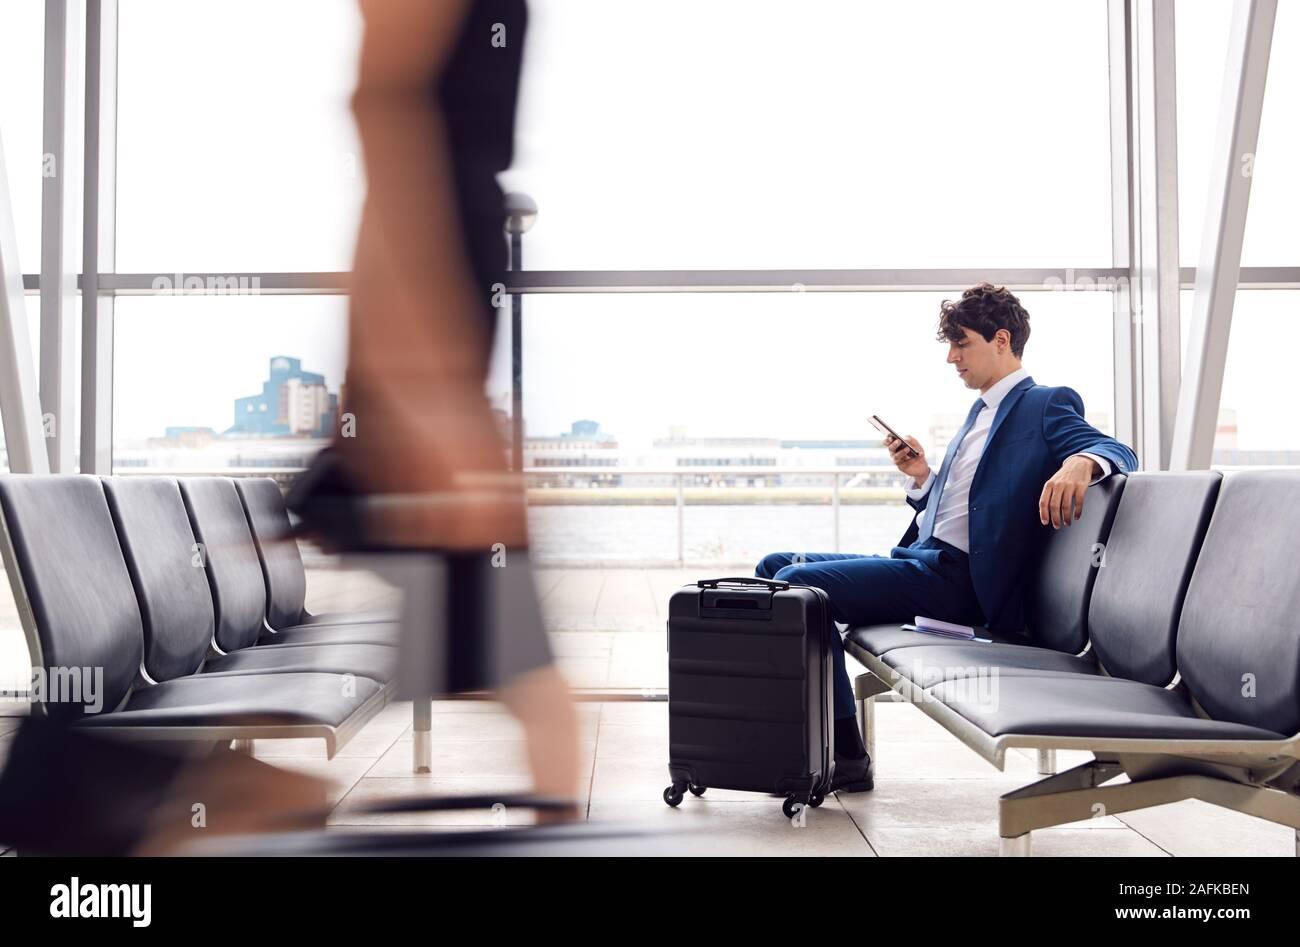 Unternehmer Sitzen In hektischen Airport Departure Lounge mit Handy Stockfoto